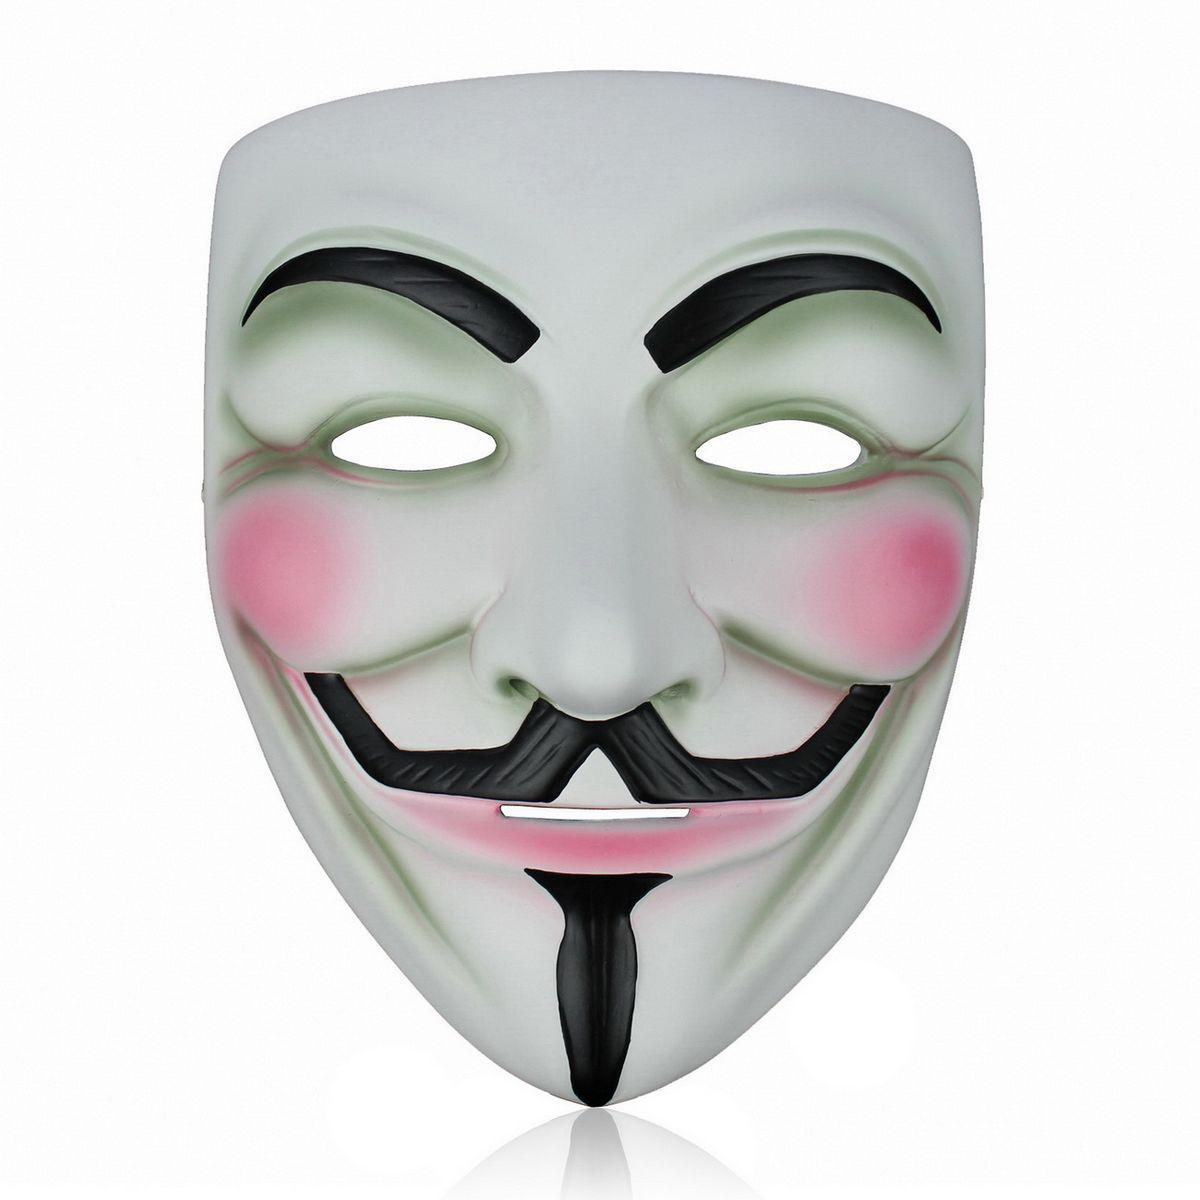 Brand New Resin V For Vendetta Mask Halloween Masks